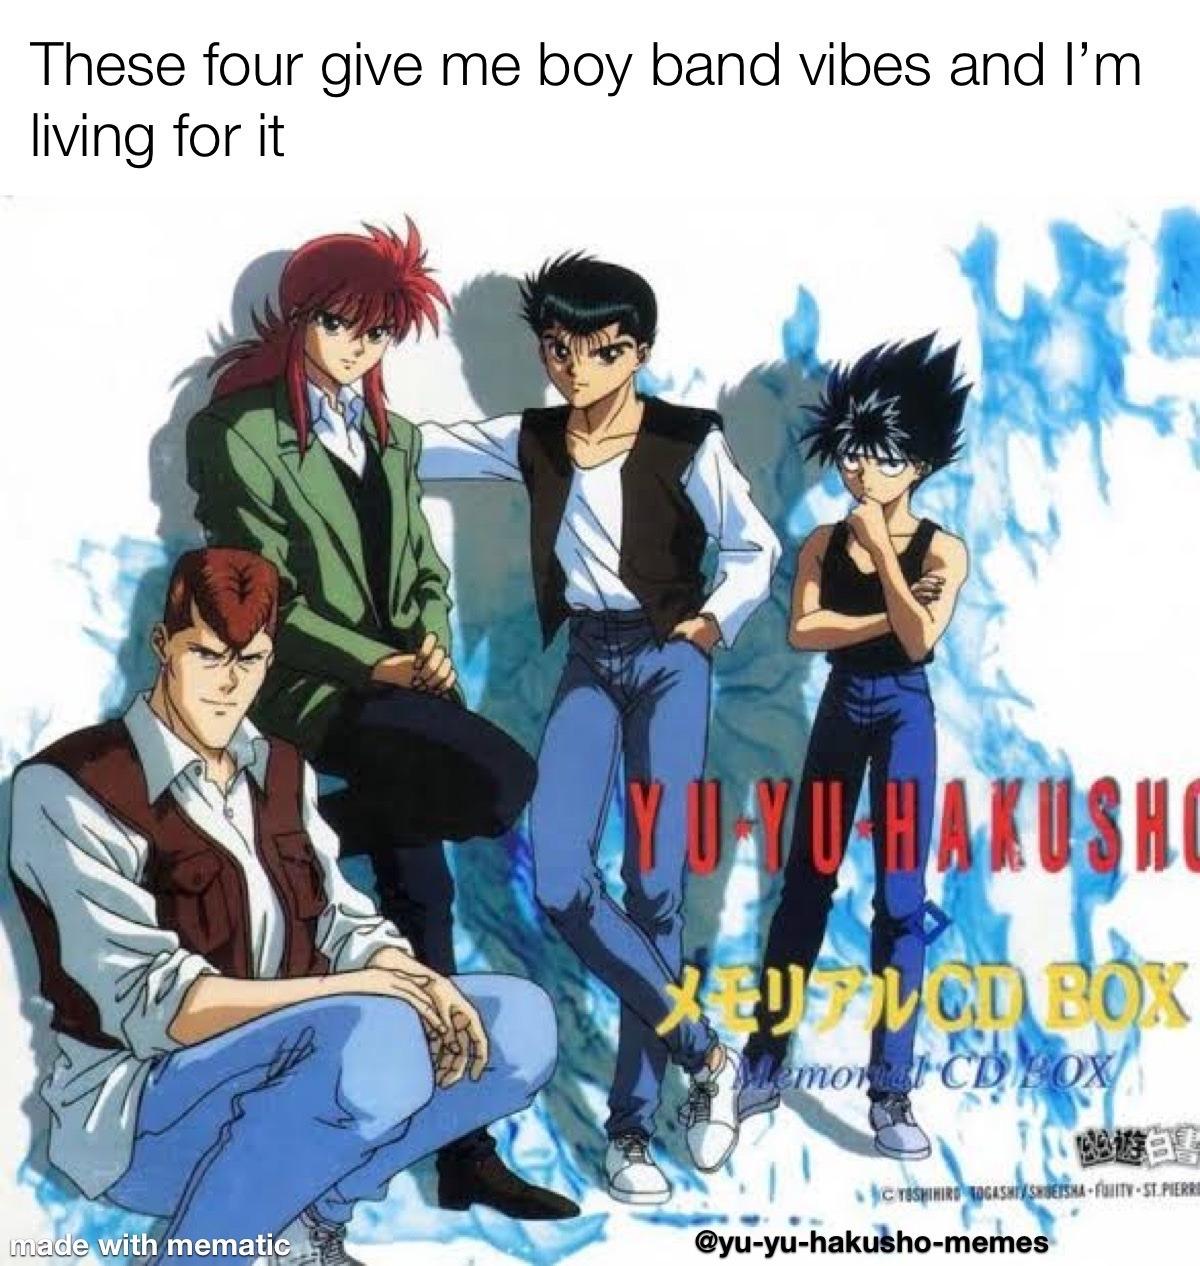 https thekazumakuwabara tumblr com